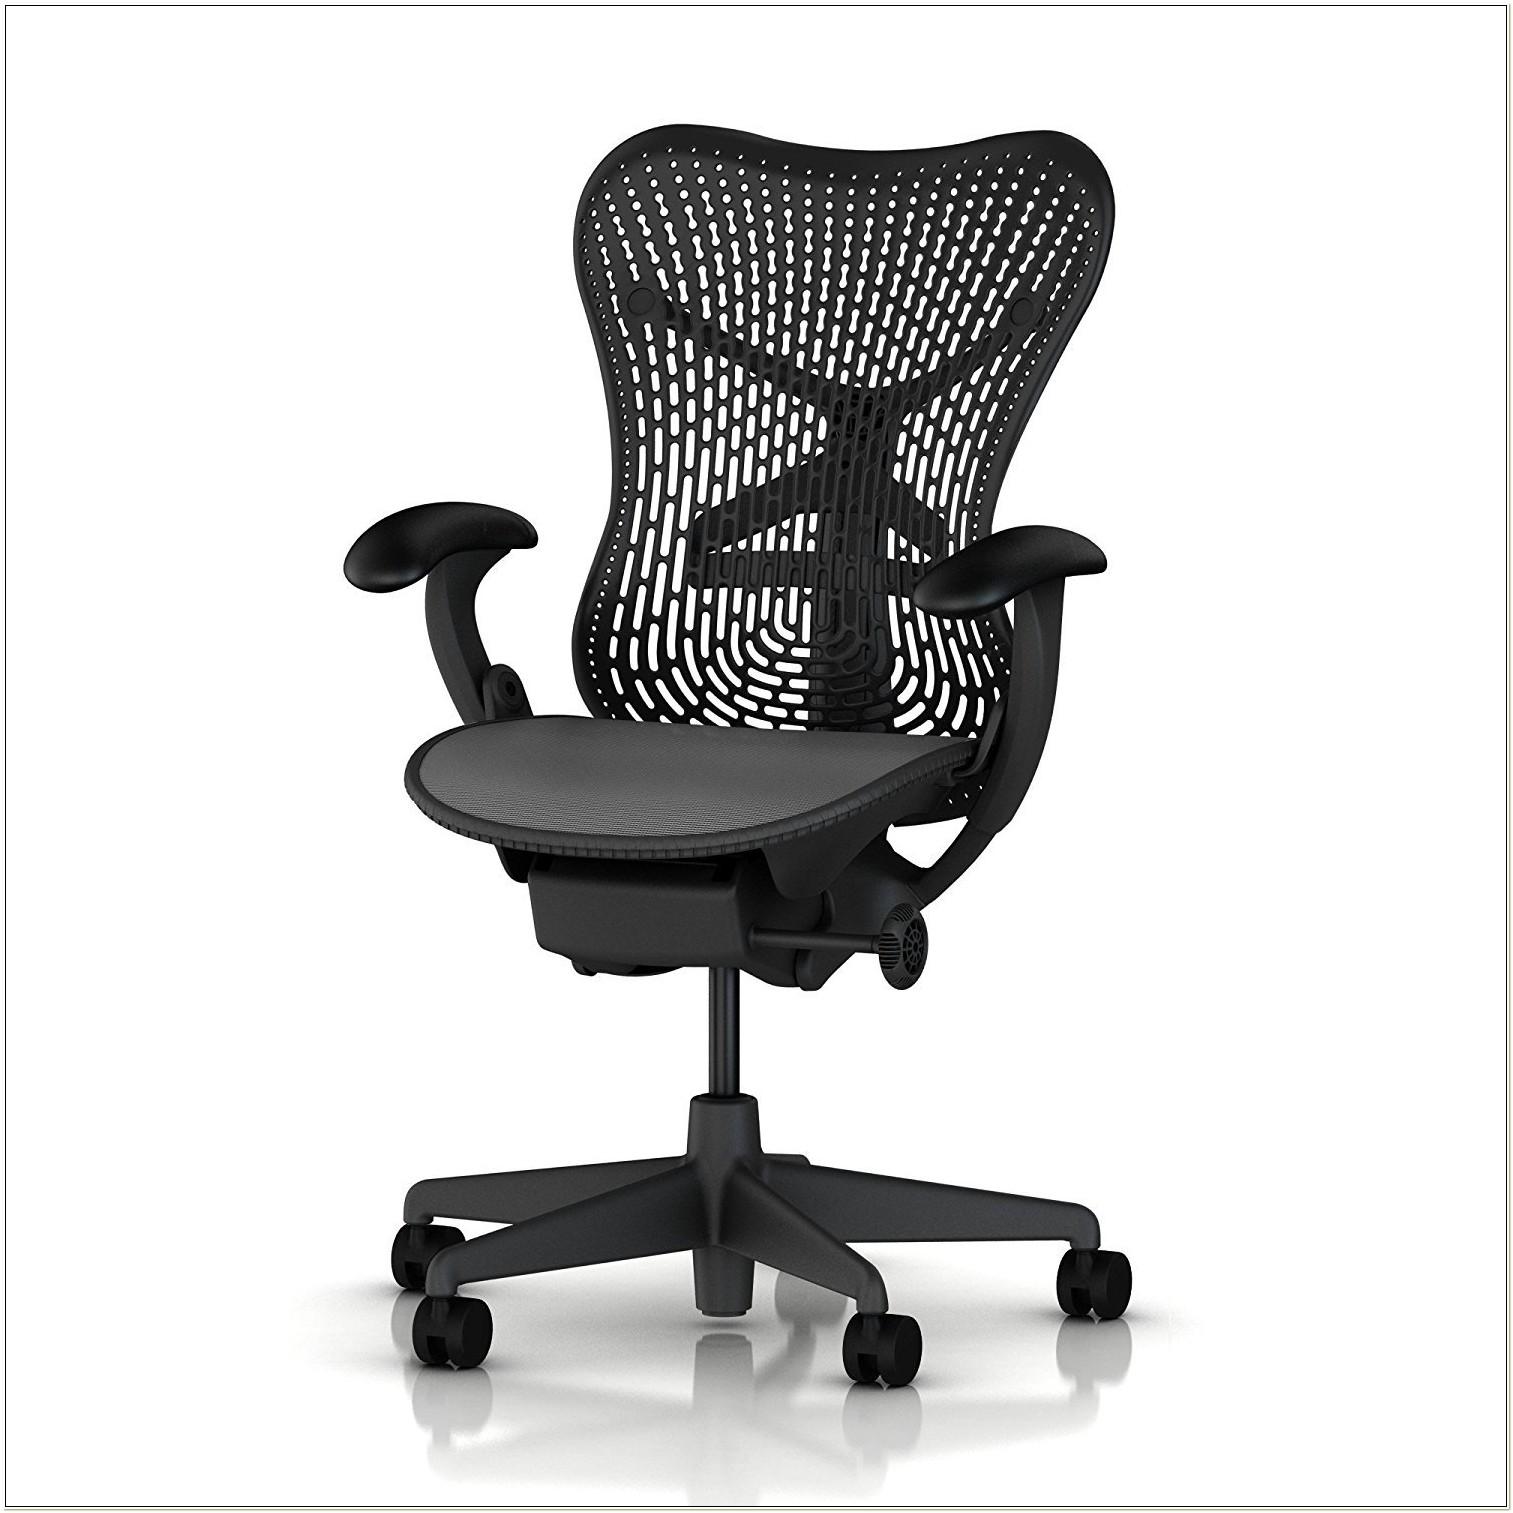 Lexmod Edge Office Chair Canada